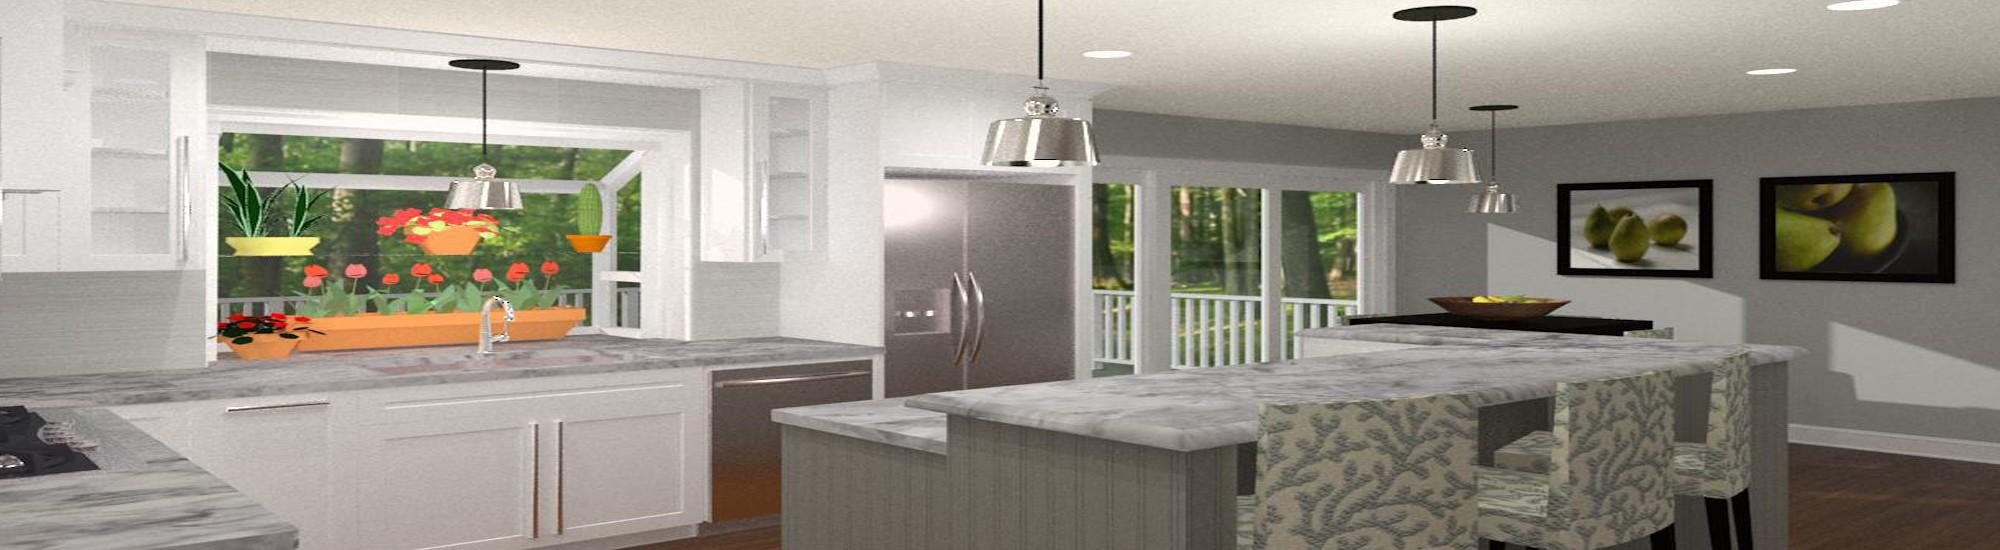 Design Build Pros Kitchen Computer Aided Design (1)